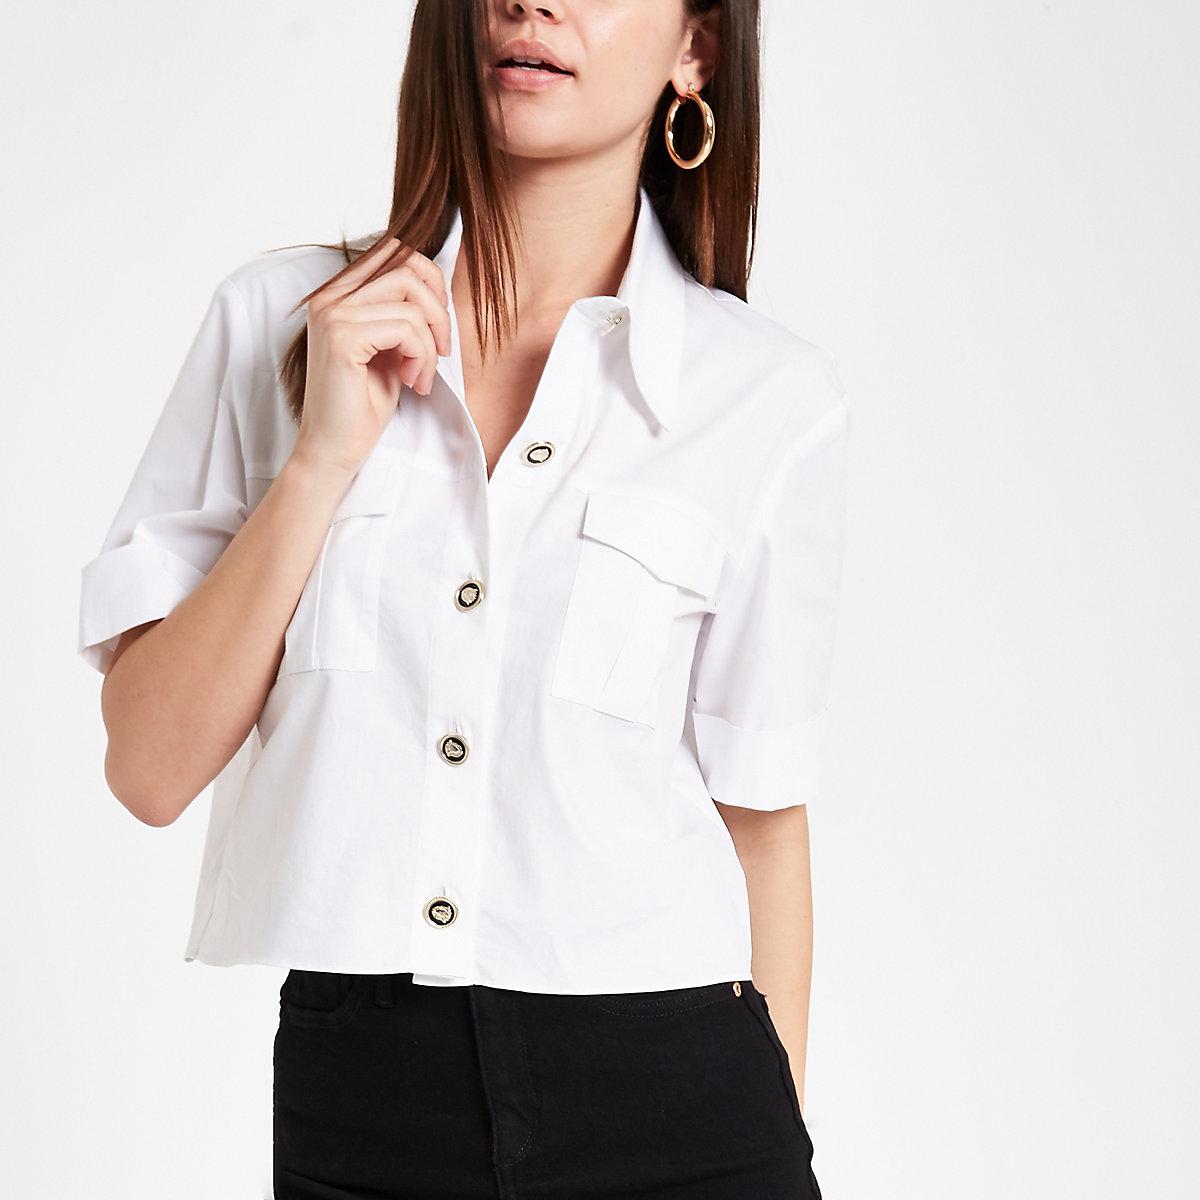 White utility short sleeve shirt